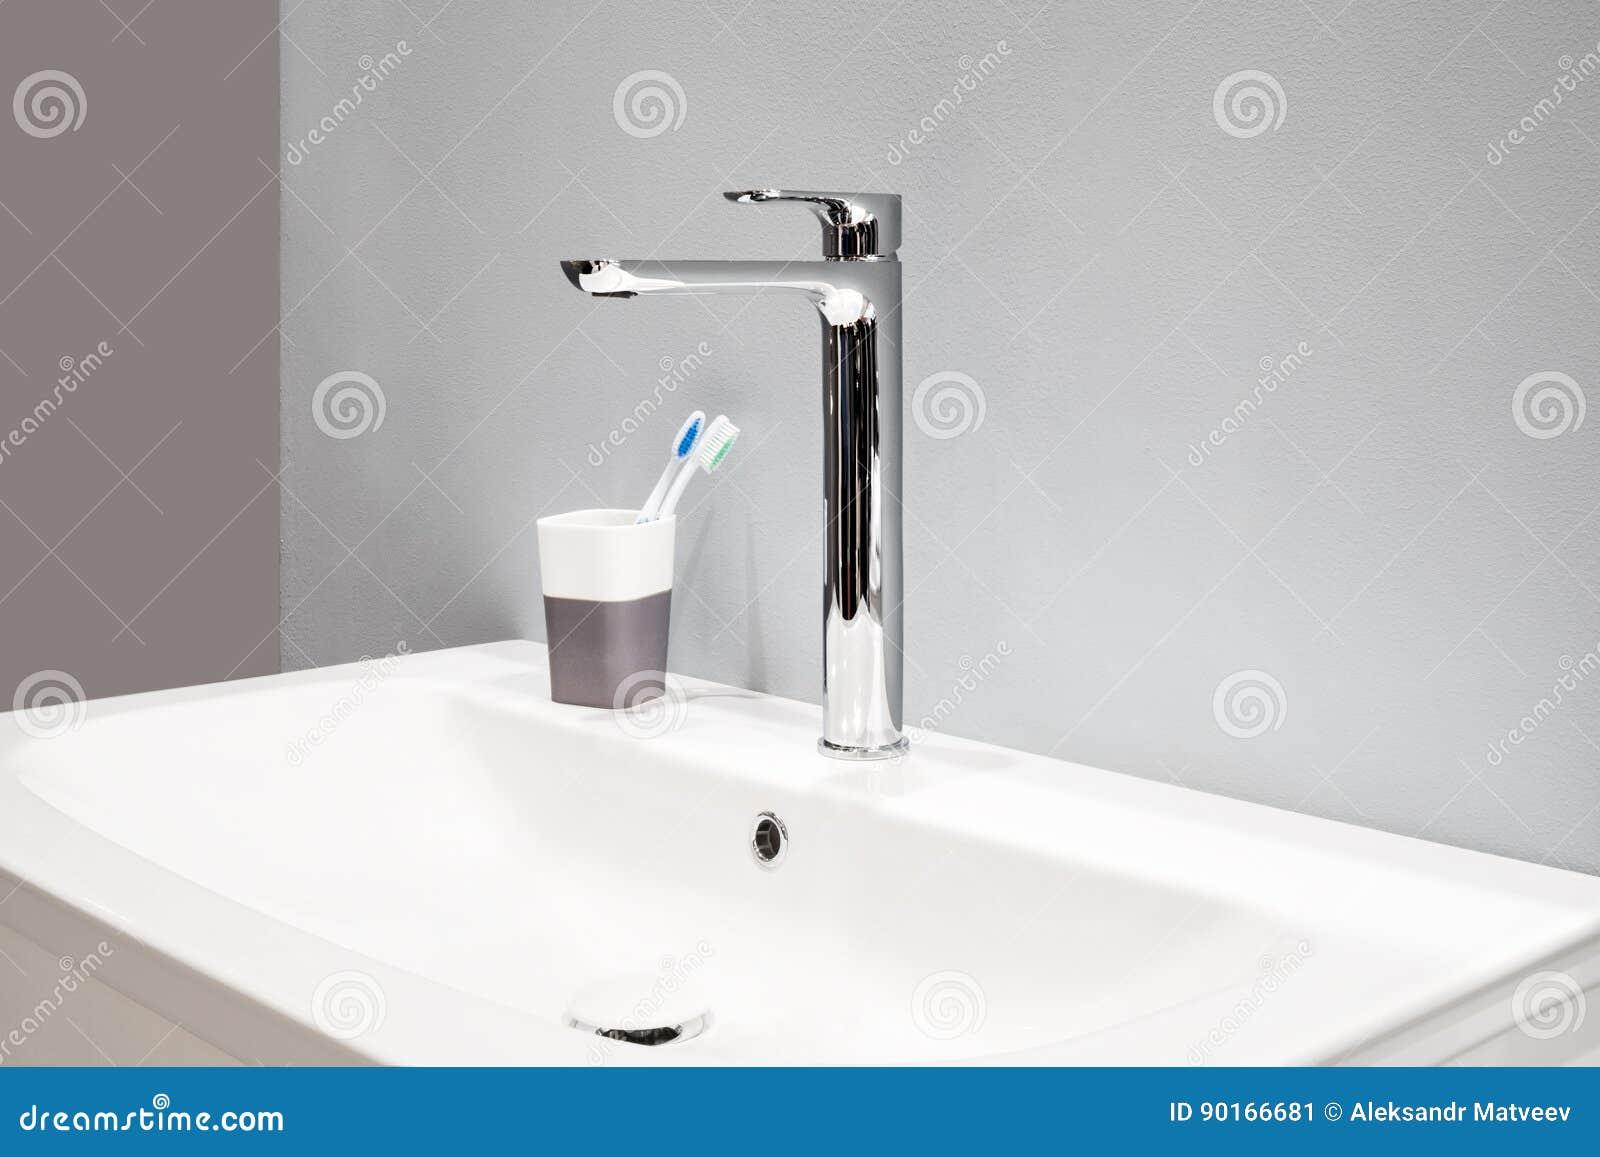 Rubinetto lavabo bagno ikea rubinetti bagno ikea cucine moderne